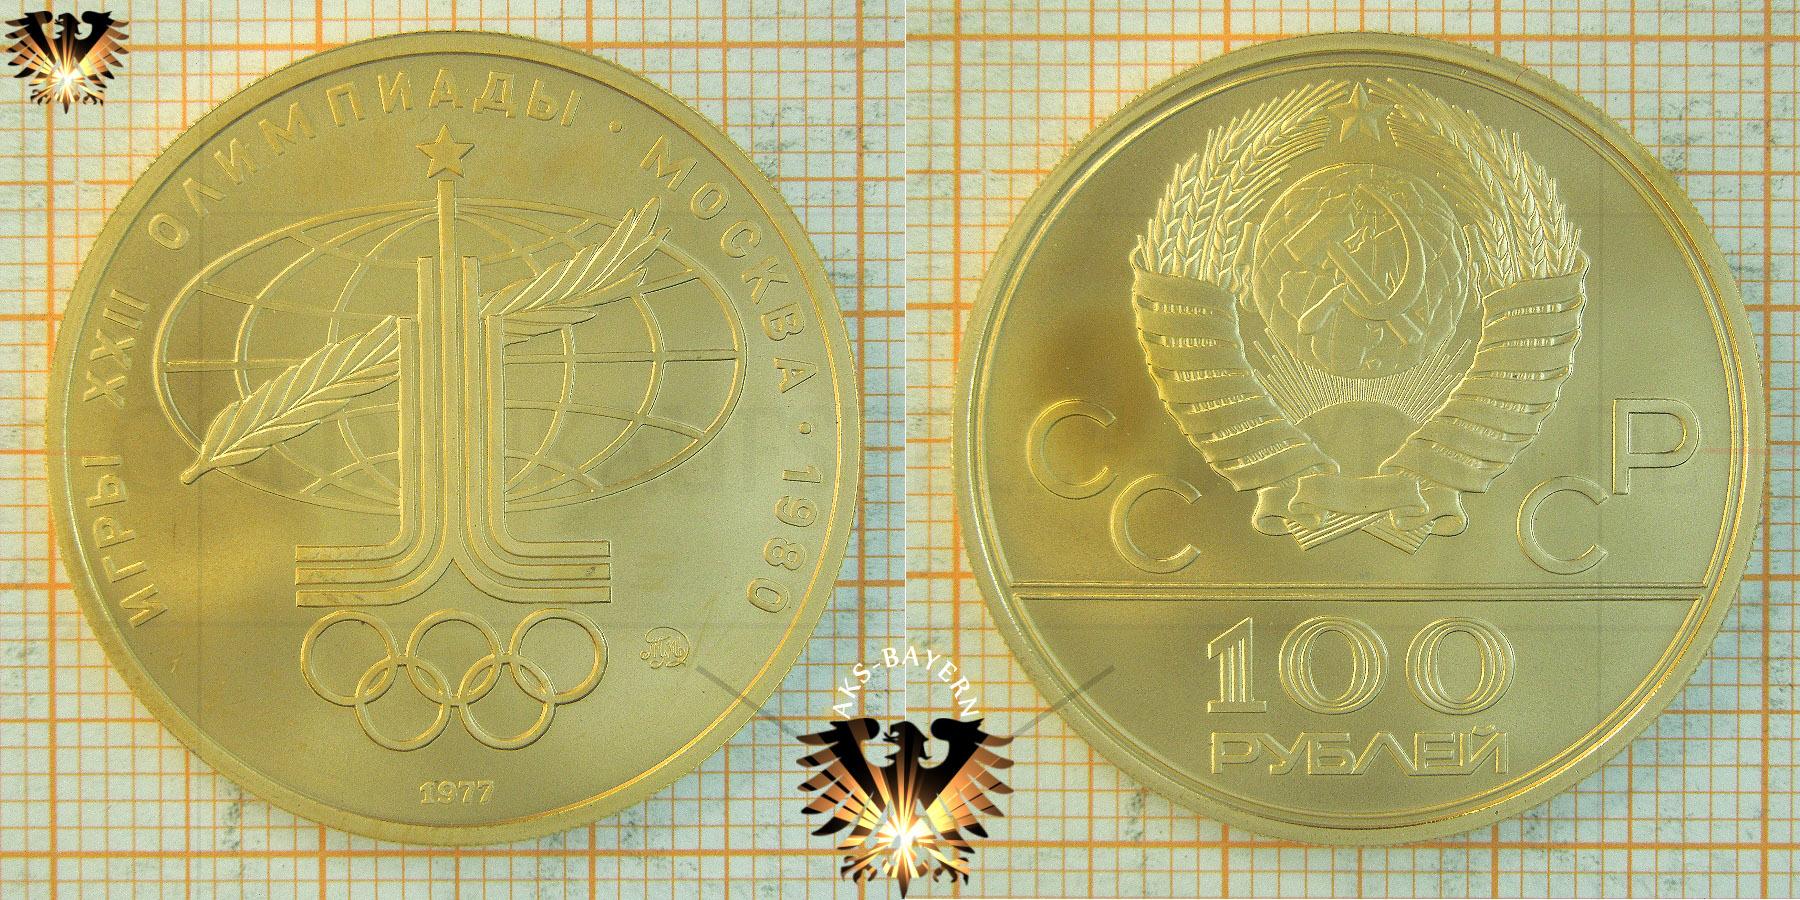 100 rubel, cccp, 1977, olympiade moskau 1980 © goldankaufstelle